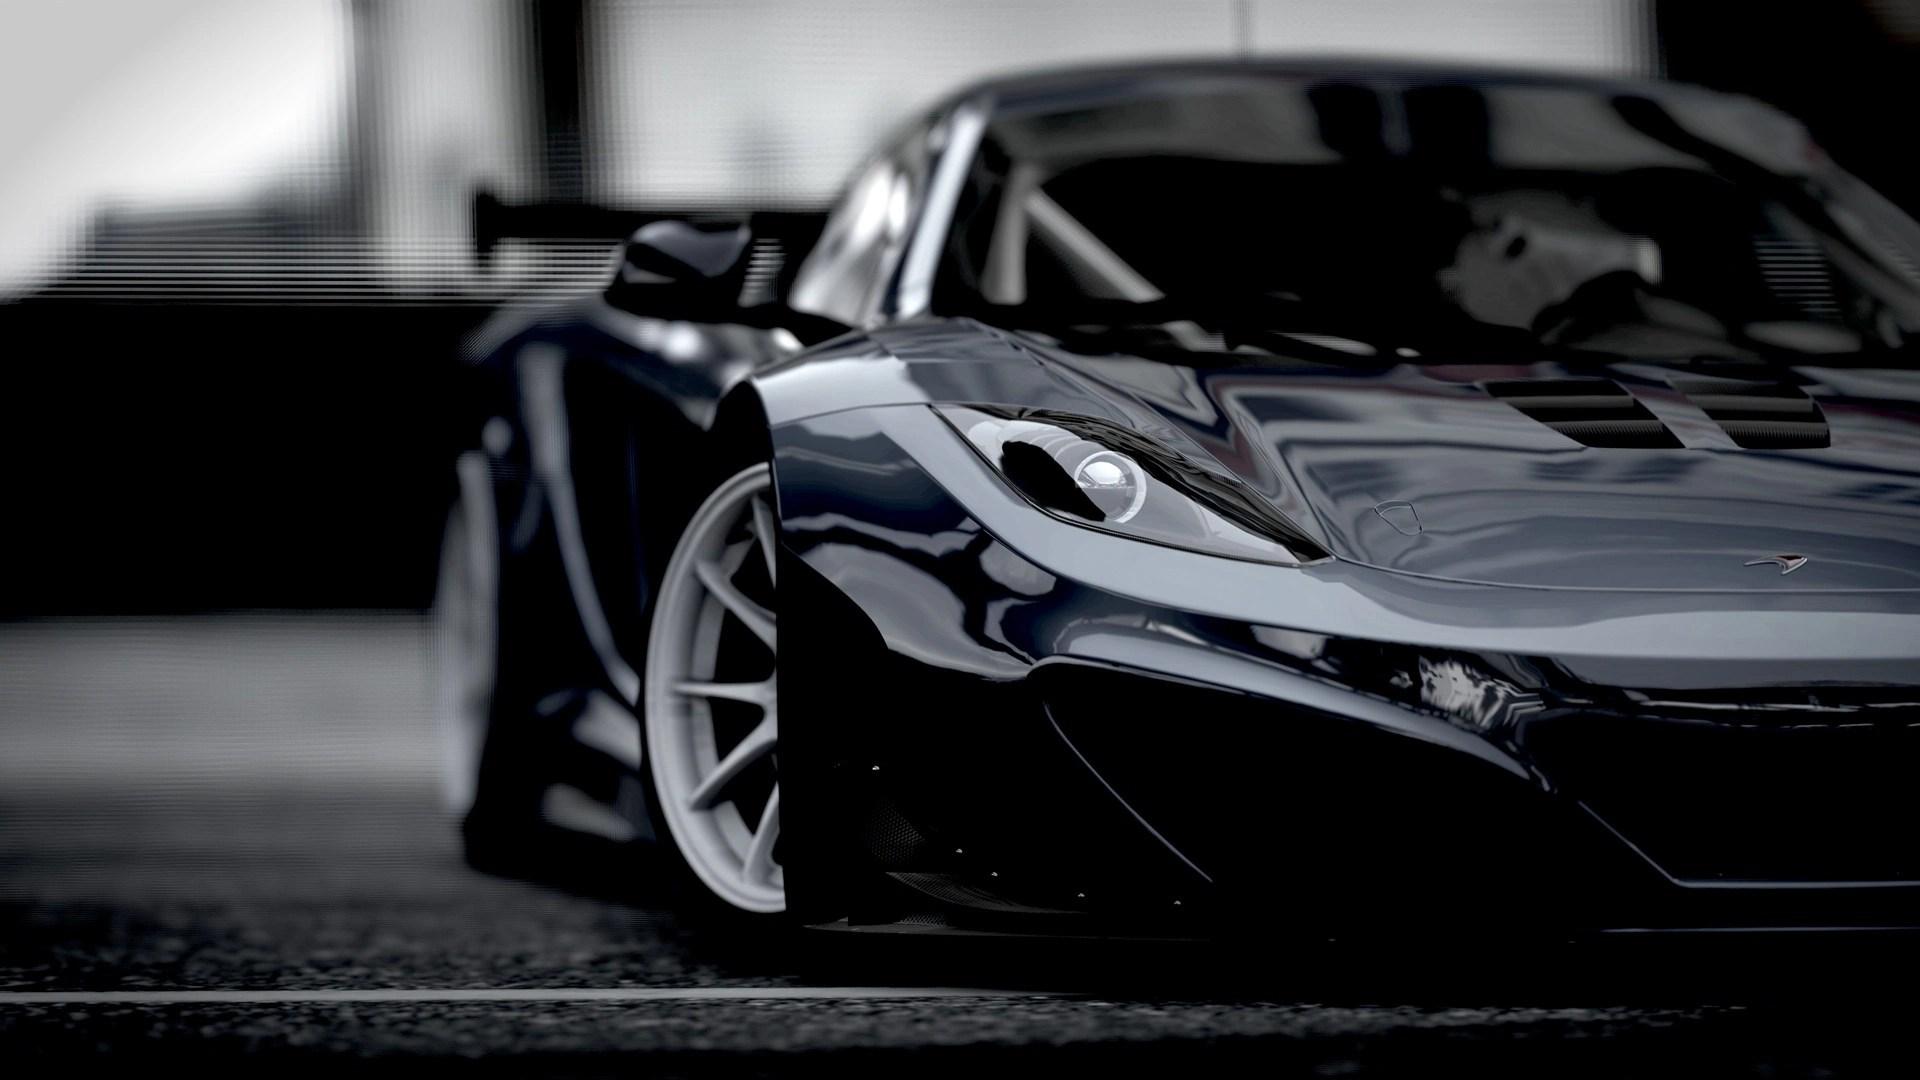 Car Black Wallpaper